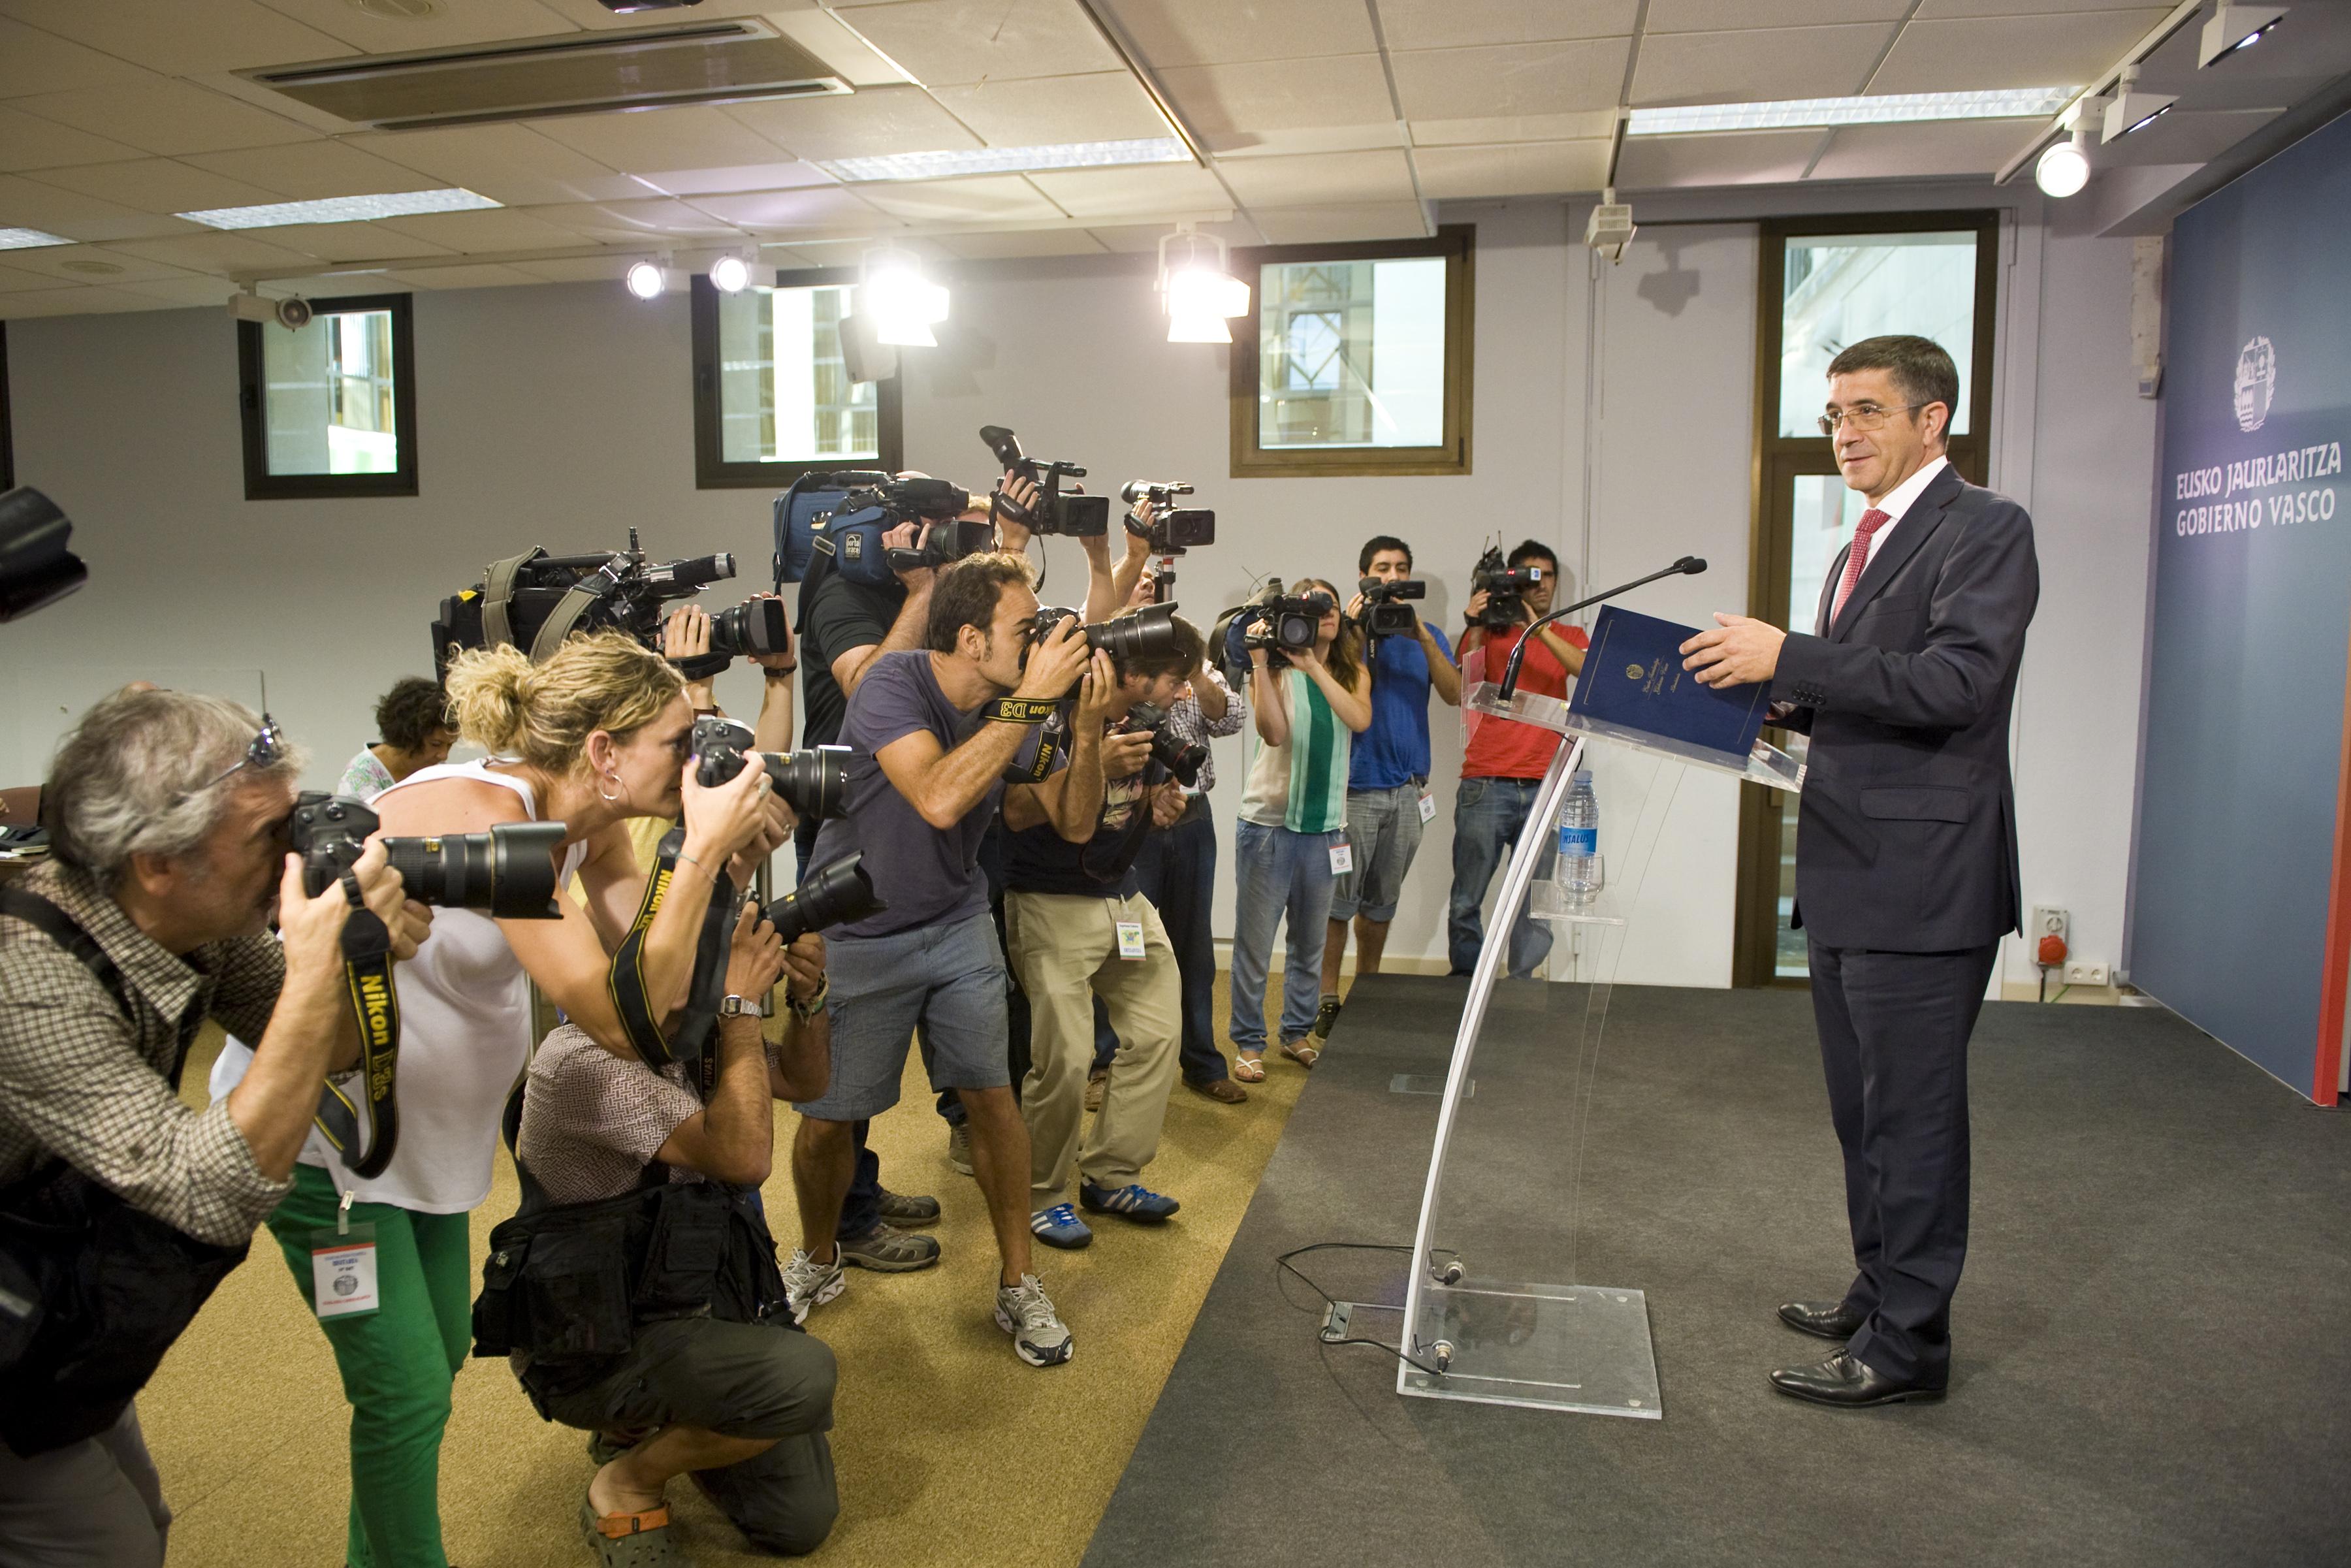 2012_08_21_lehendakari_prensa_003.jpg